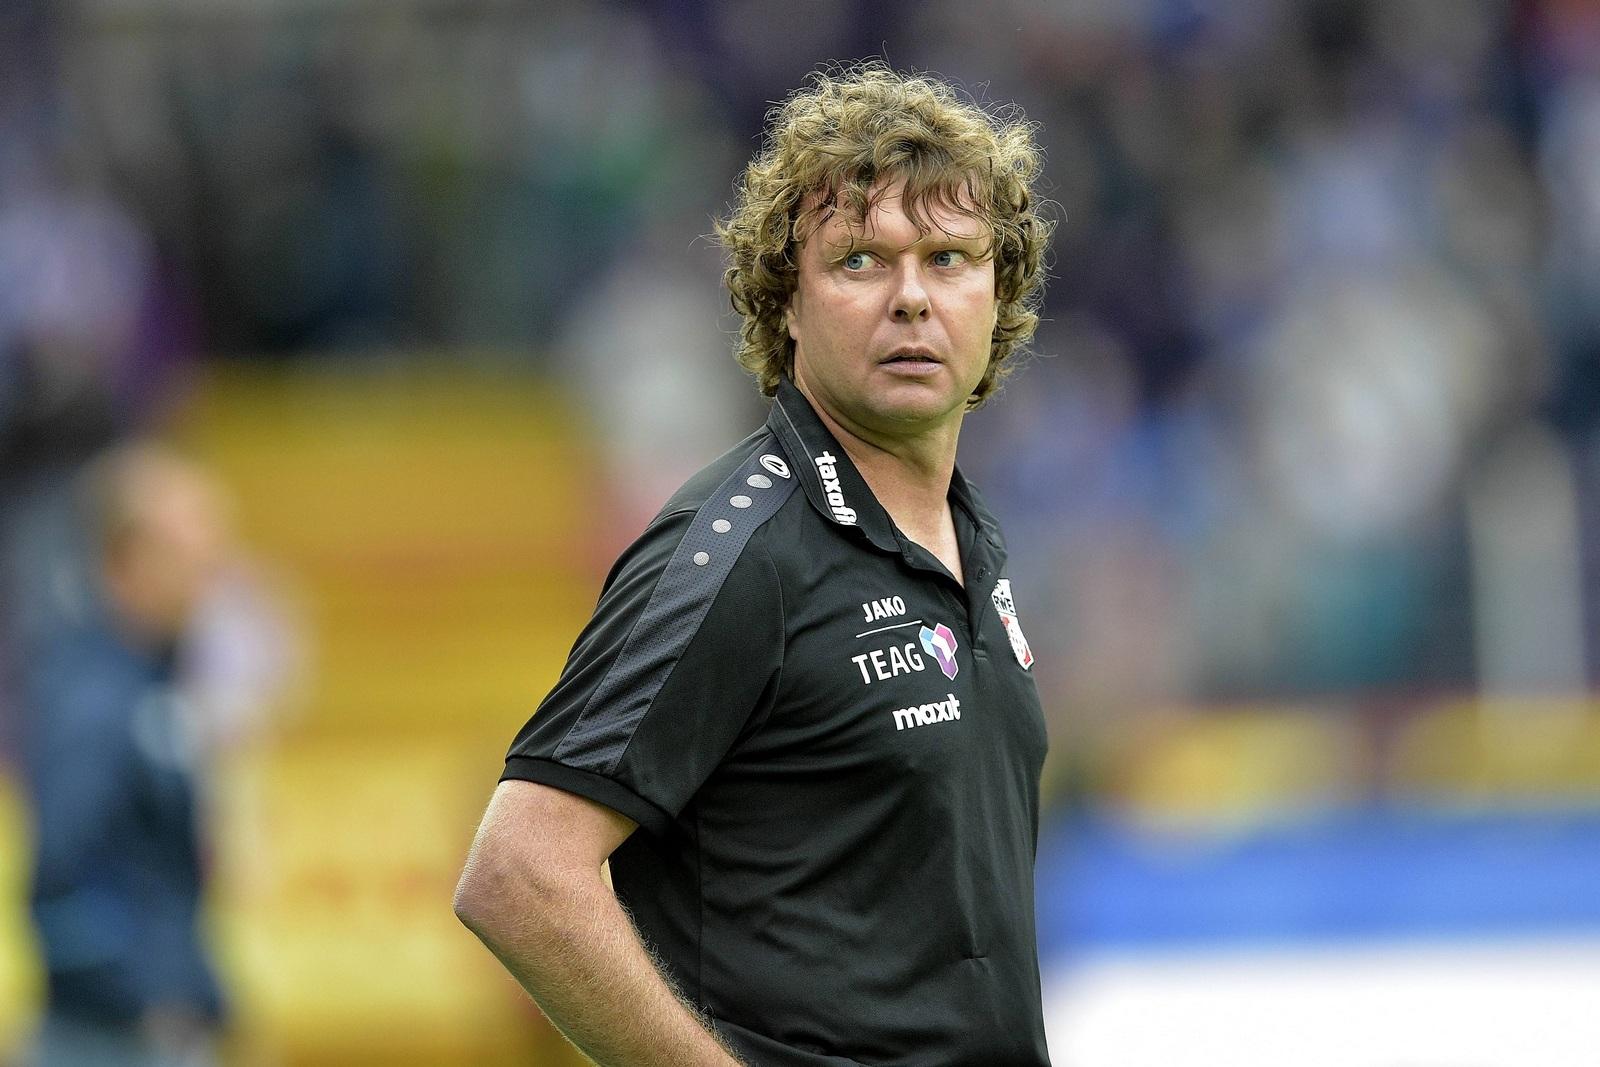 Fordert dringend Verstärkung: RWE-Coach Stefan Krämer